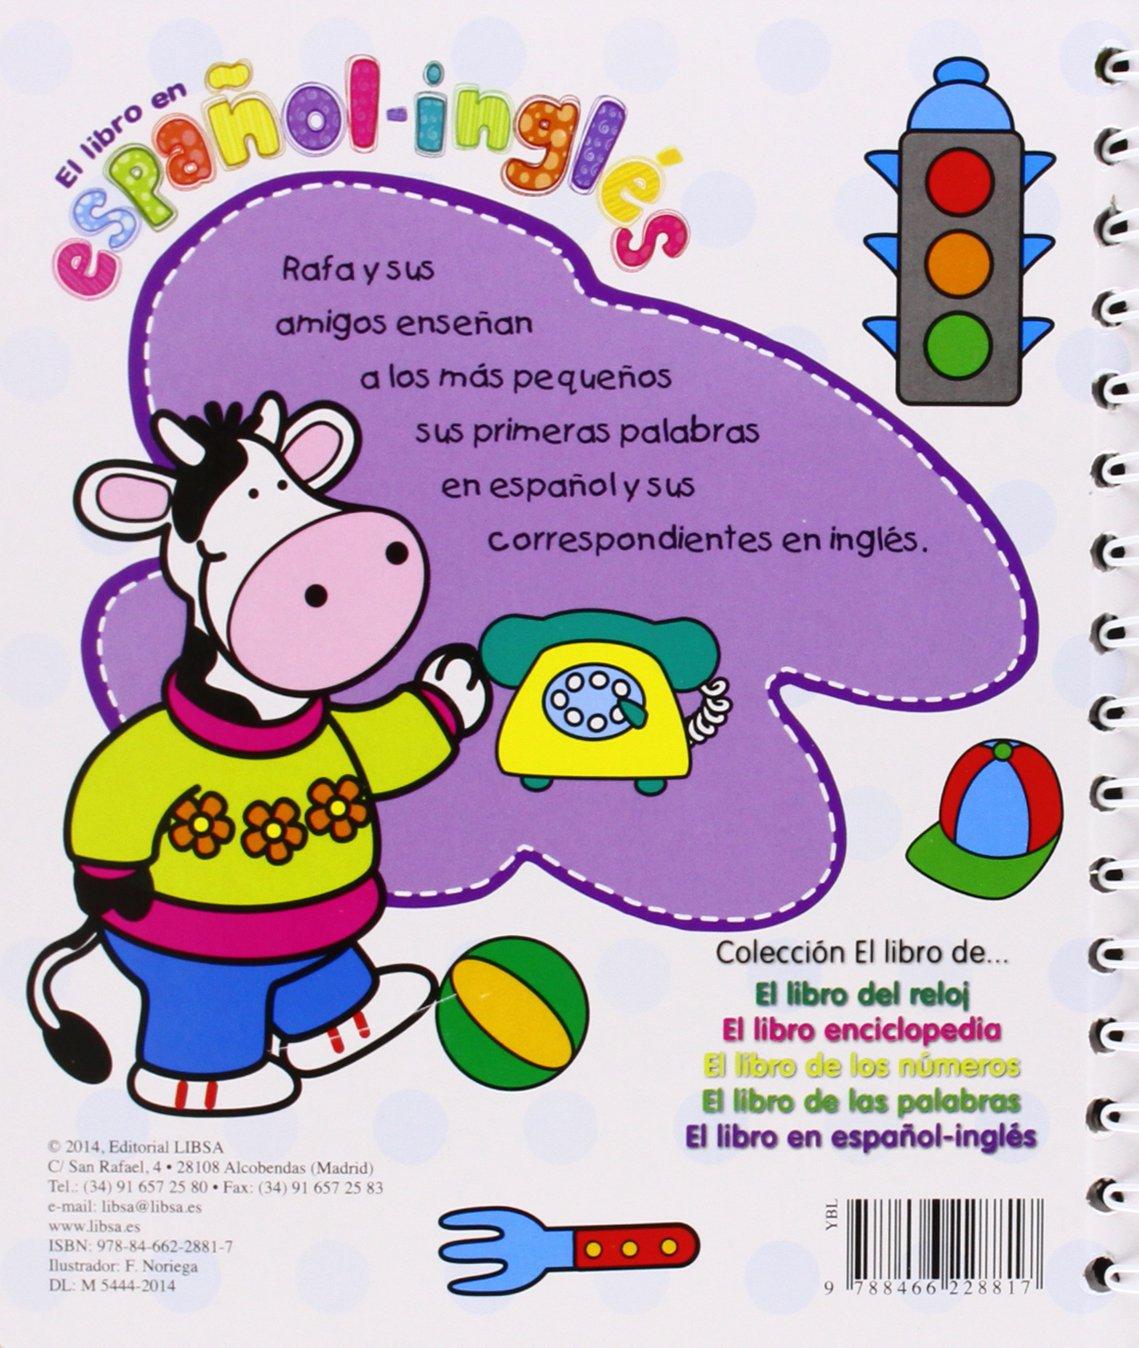 EL LIBRO EN ESPA�OL-INGLES- EL LIBRO DE....: Equipo Editorial: 9788466228817: Amazon.com: Books